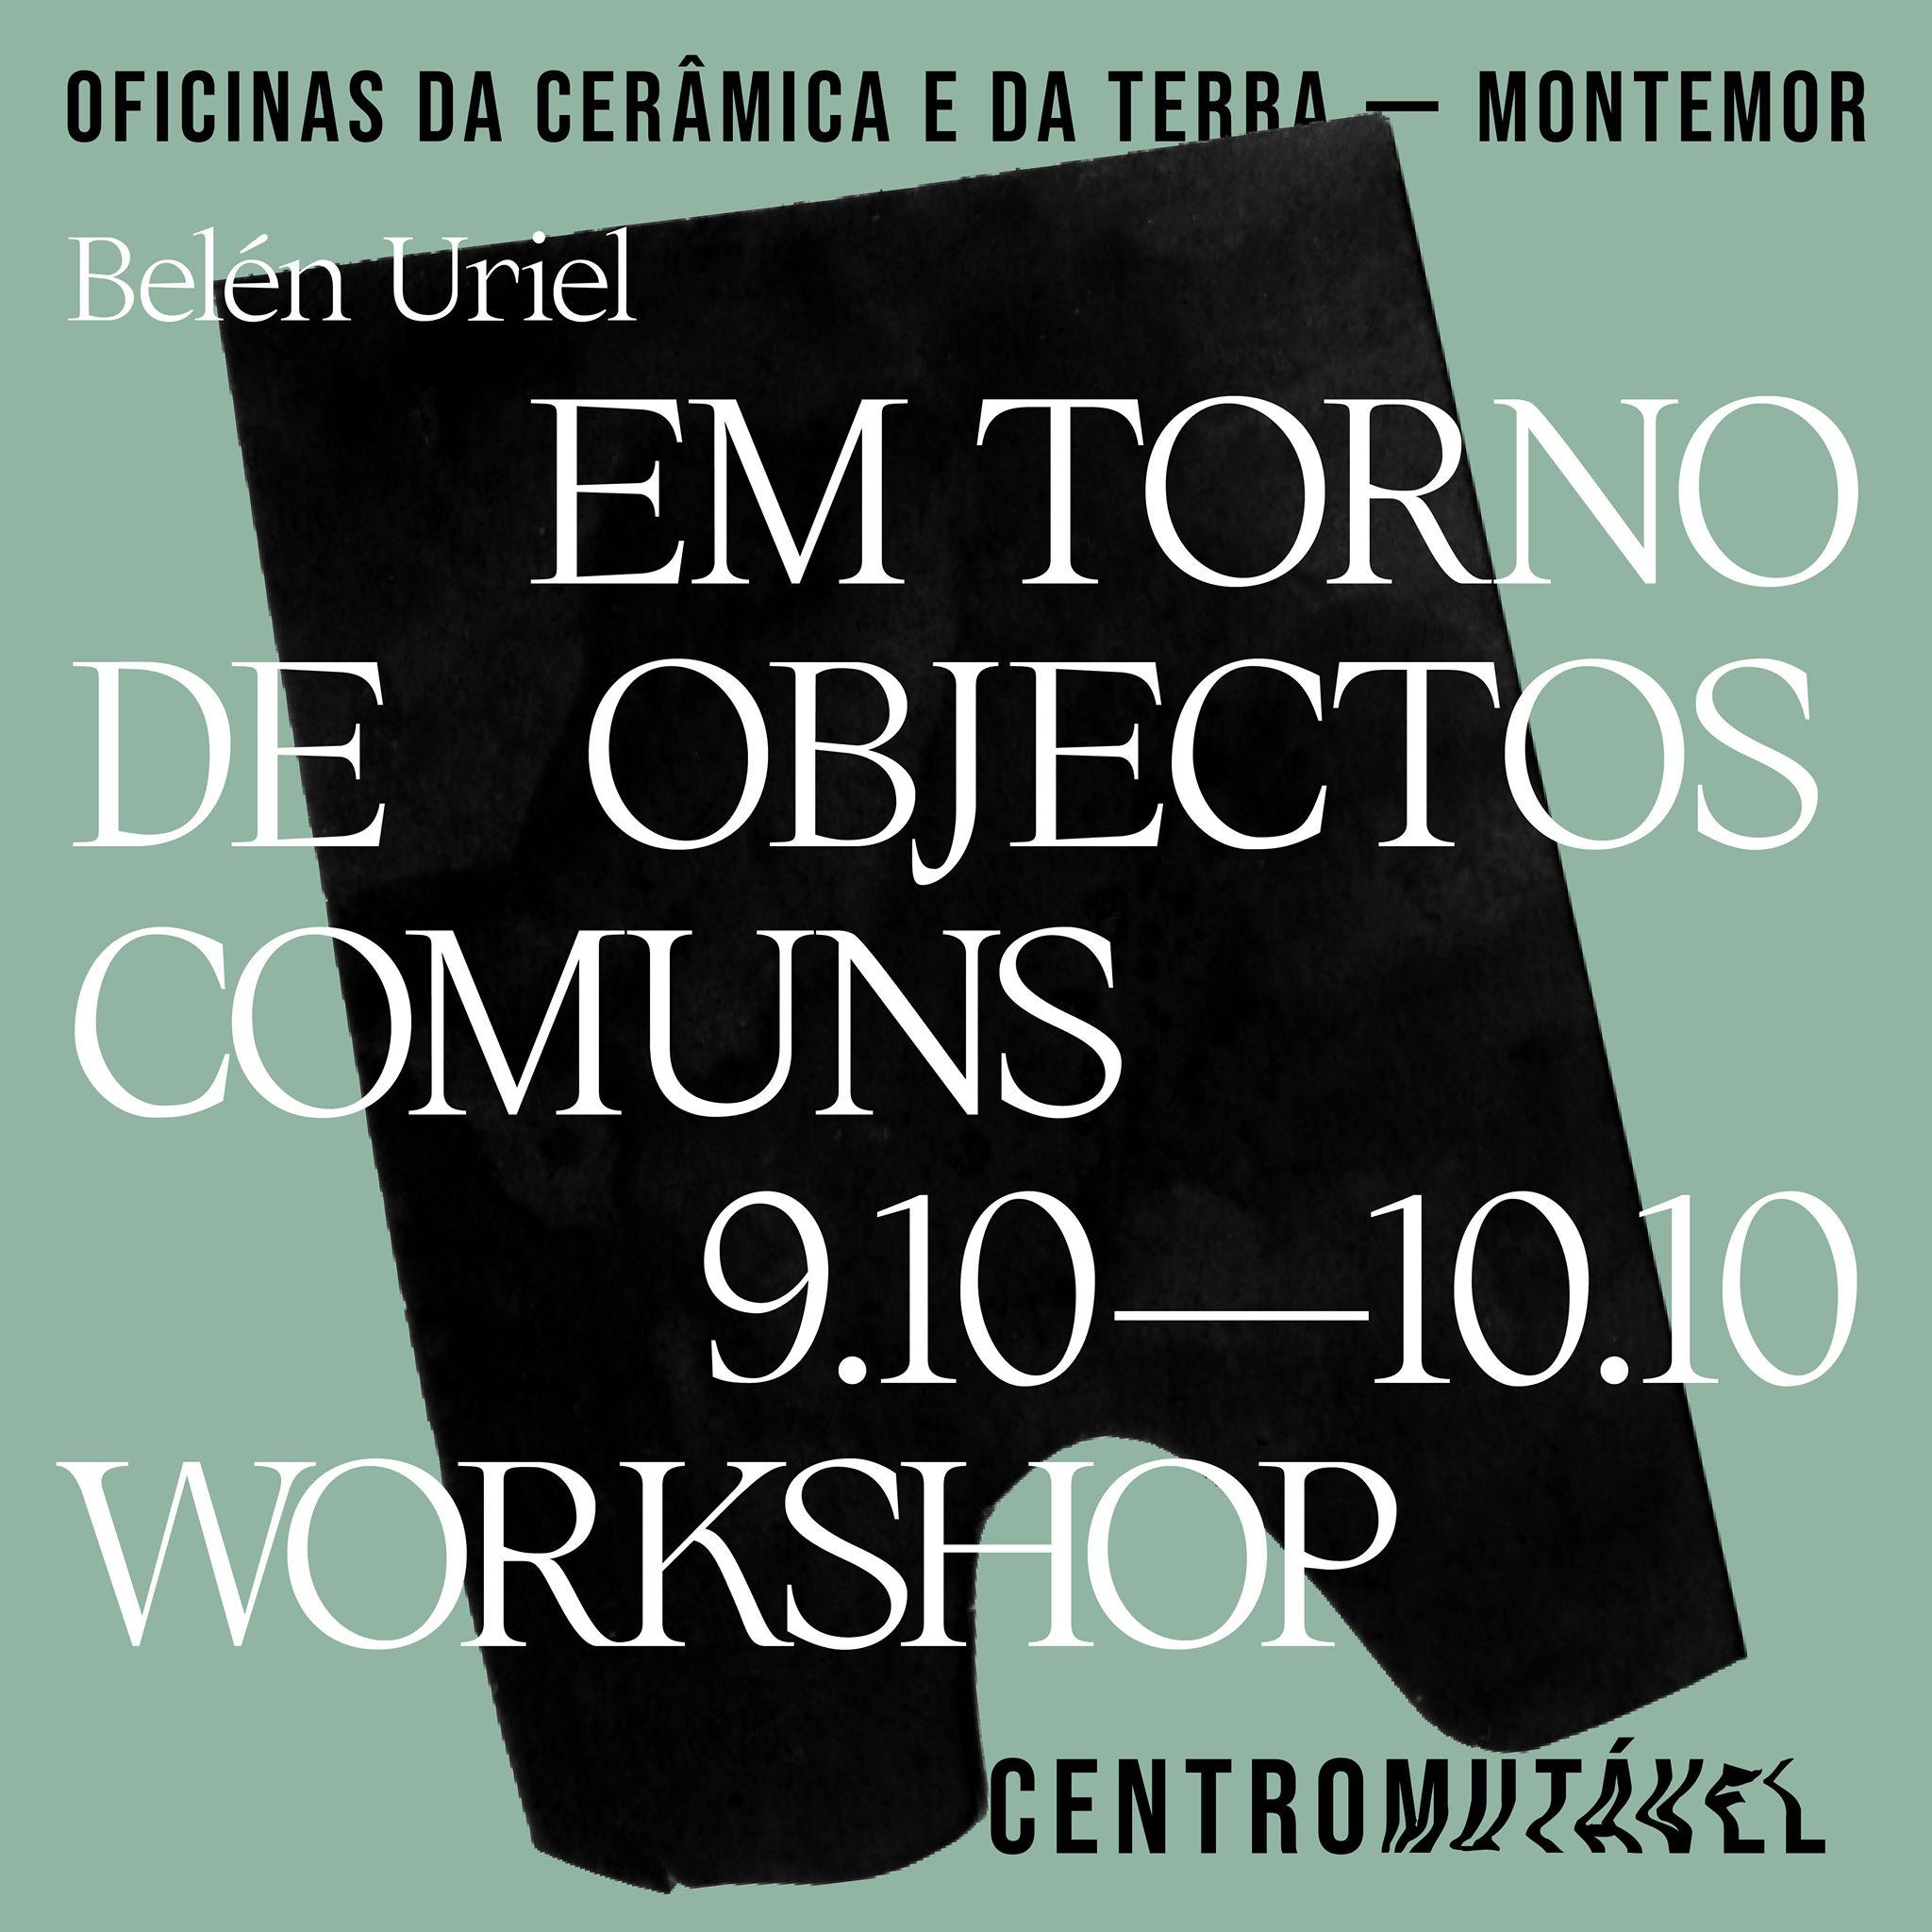 workshop_EM TORNO DE OBJECTOS COMUNS_ BELÉN URIEL